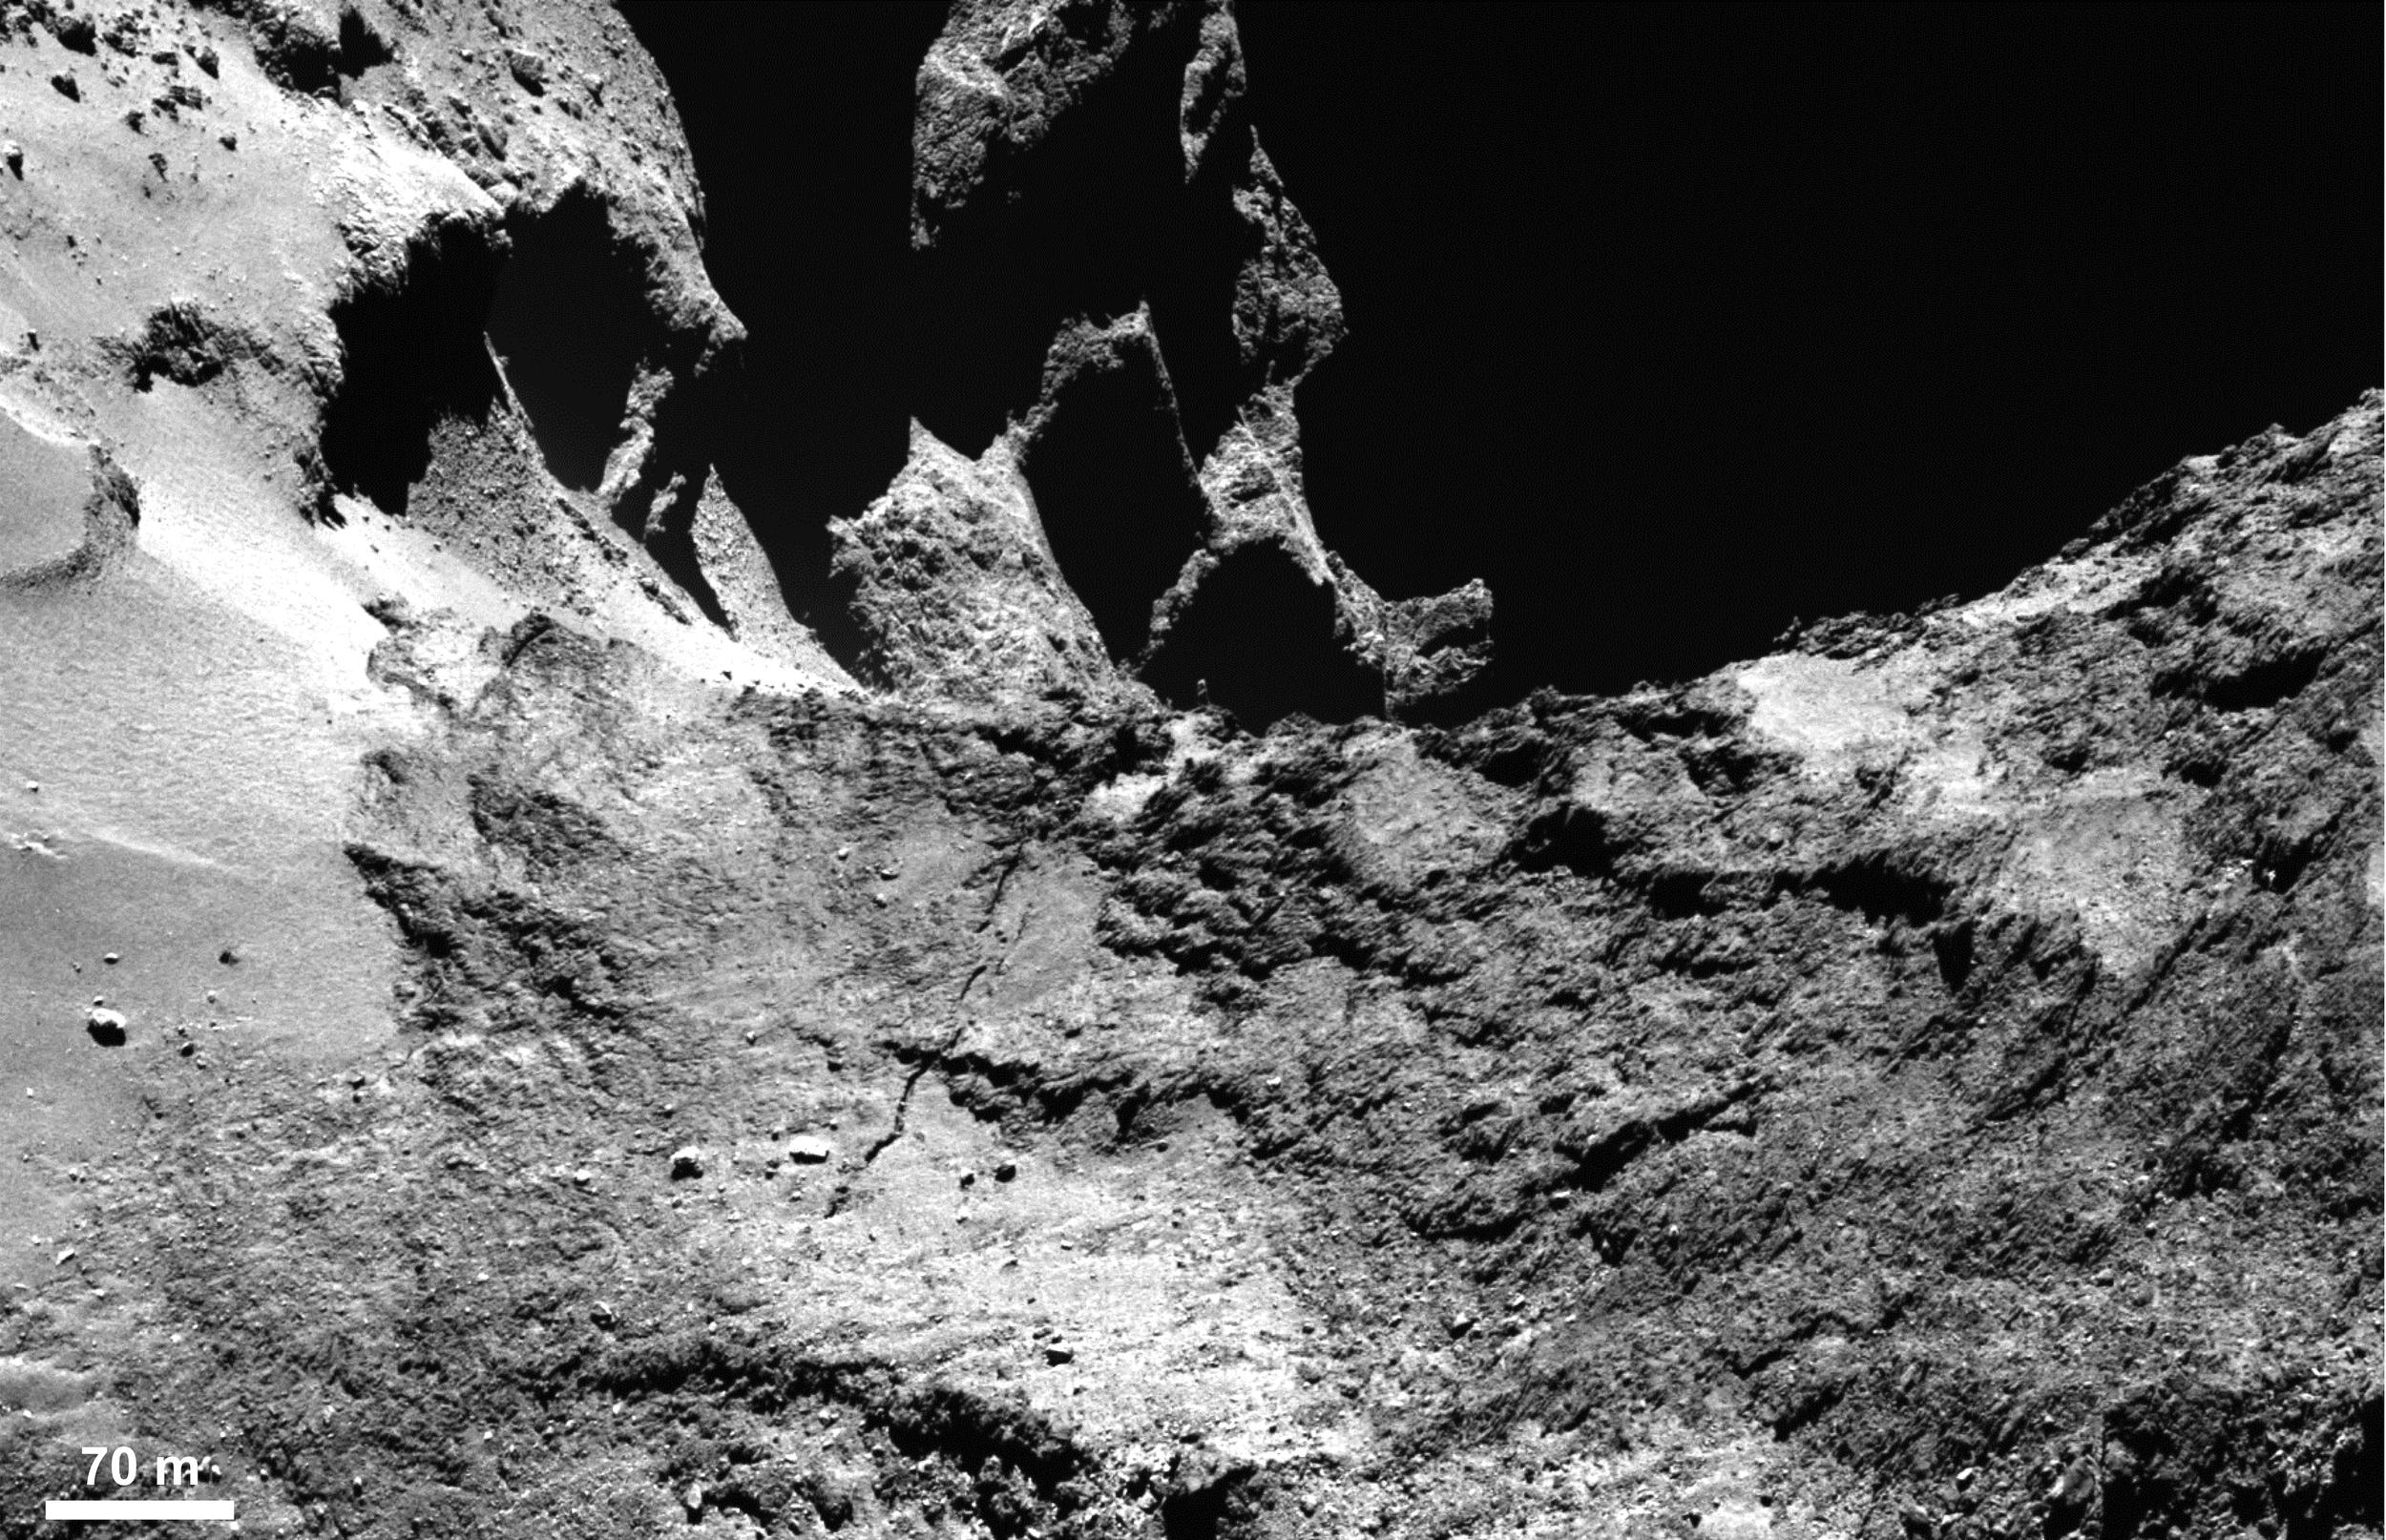 Image Above: Crack extension in Anuket. 22/01/2015 8:00 pm. ESA/Rosetta/MPS for OSIRIS Team MPS/UPD/LAM/IAA/SSO/INTA/UPM/DASP/IDA